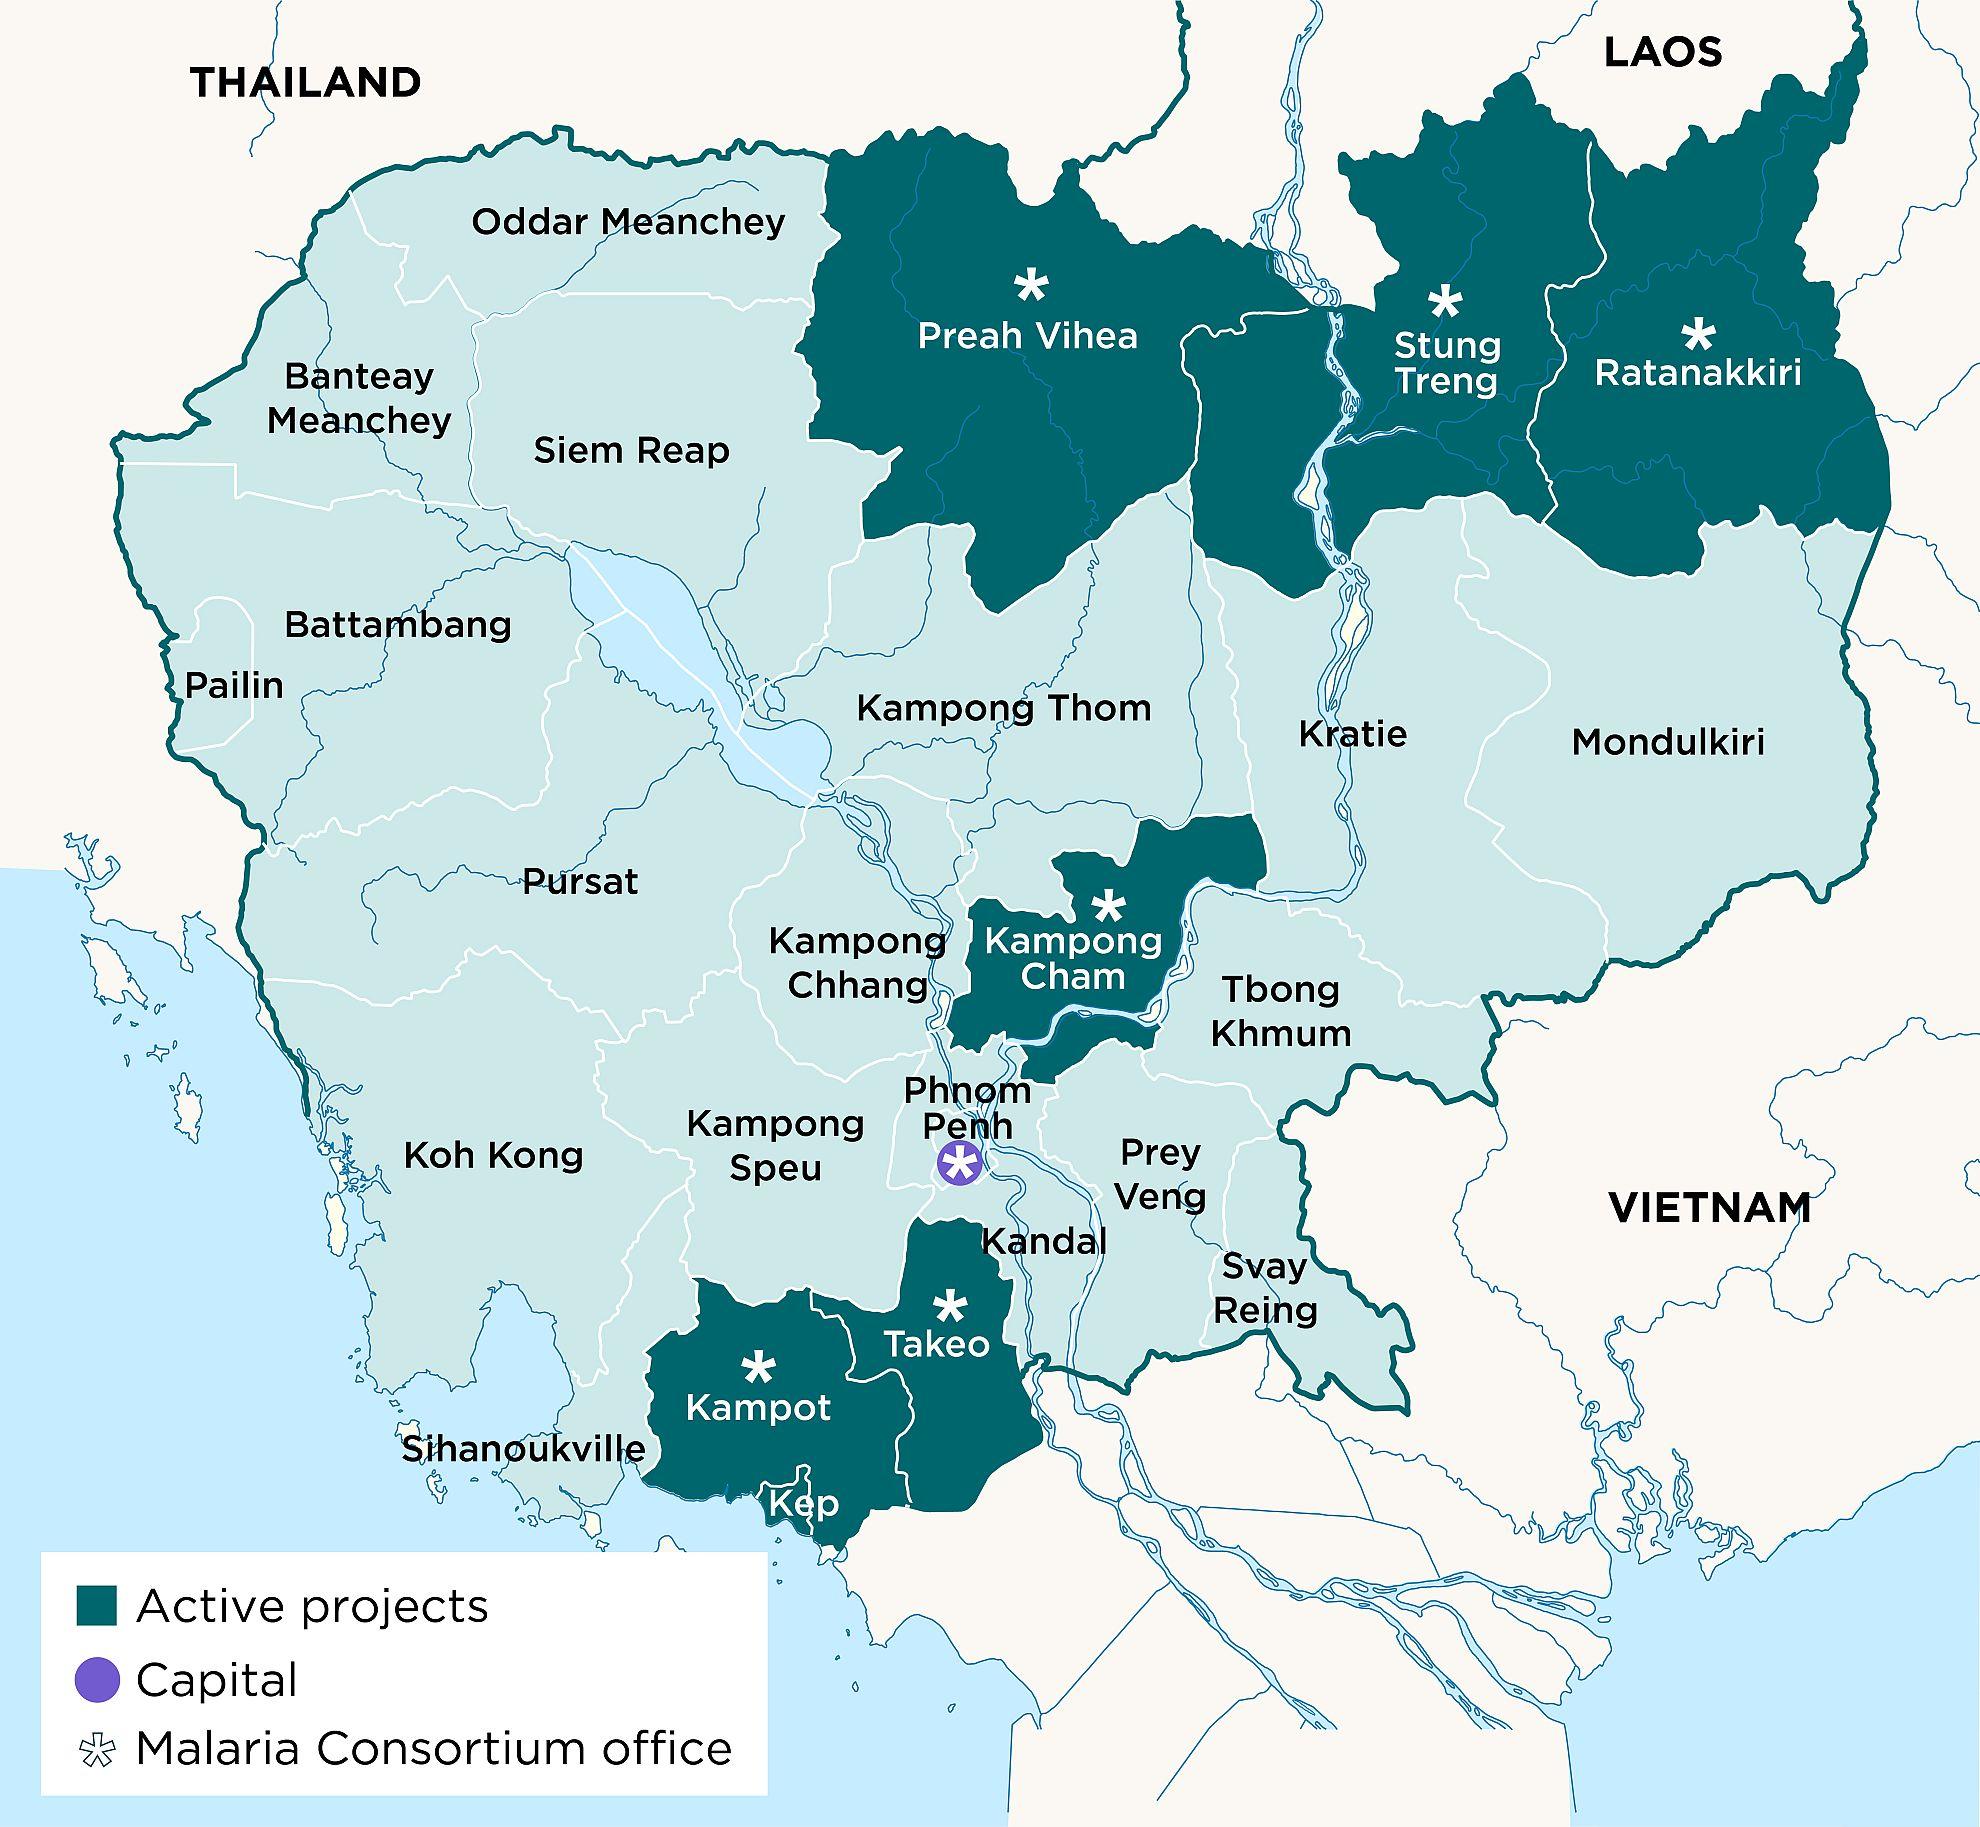 Malaria Consortium - Our work in Cambodia - Malaria ...